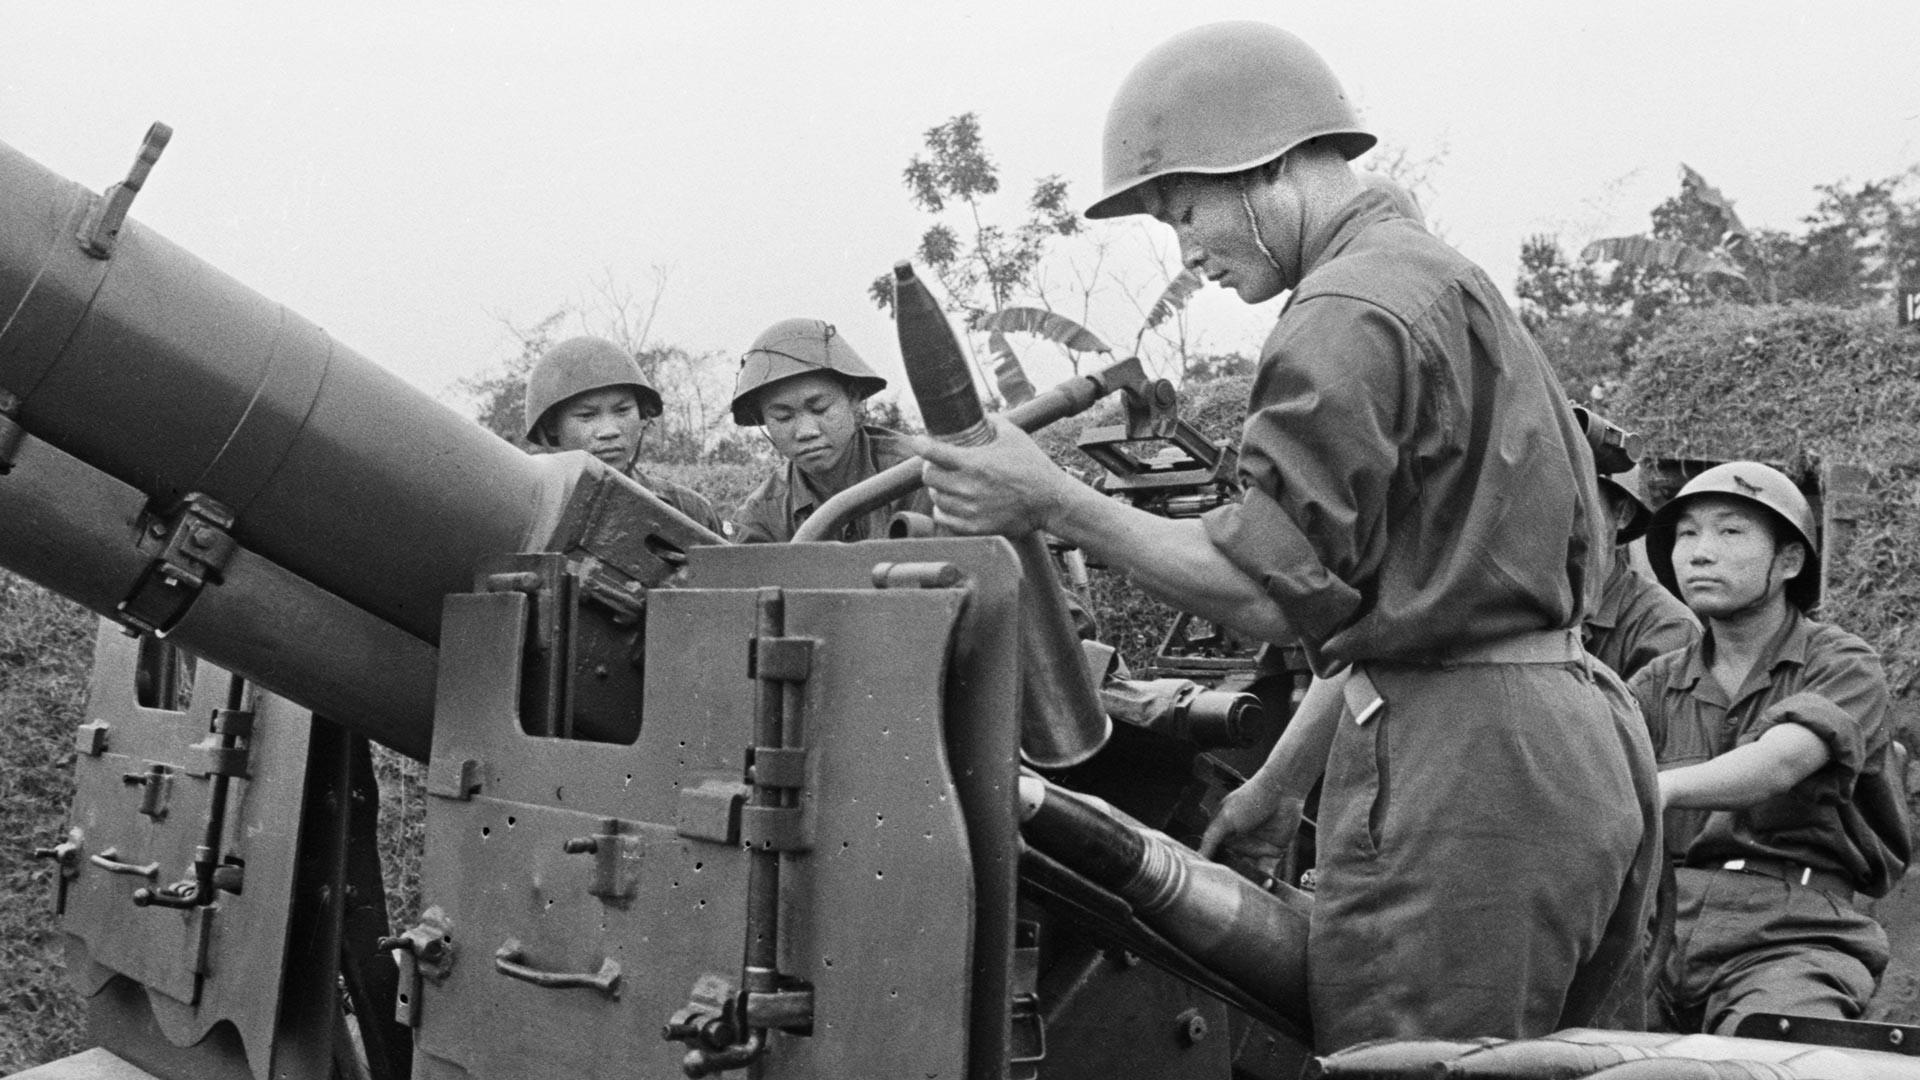 Зенитчики ВНА на огневой позиции.